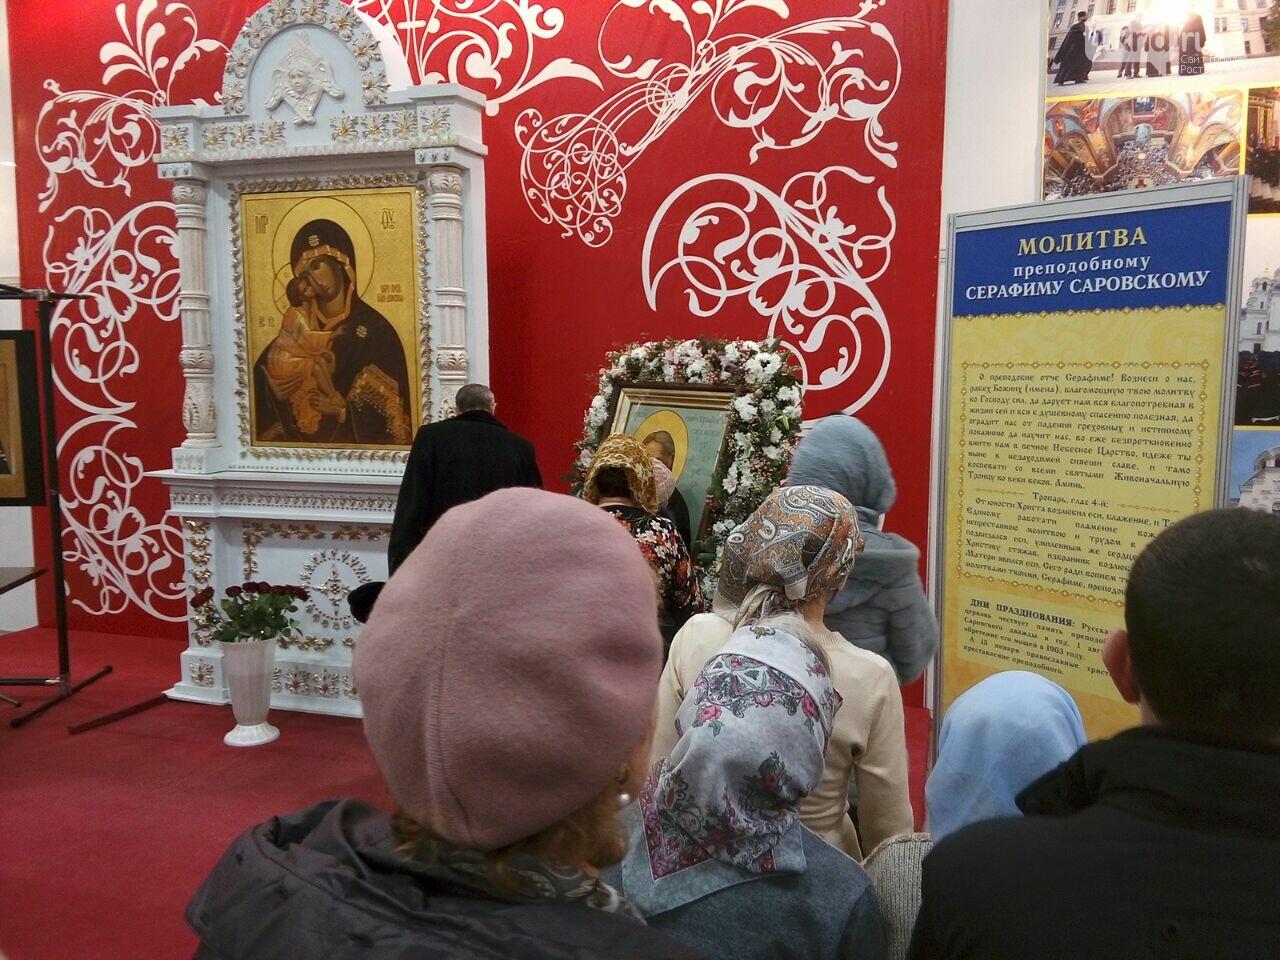 Огромная очередь выстроилась на поклонение иконе и мощам Серафима Саровского в Ростове, фото-3